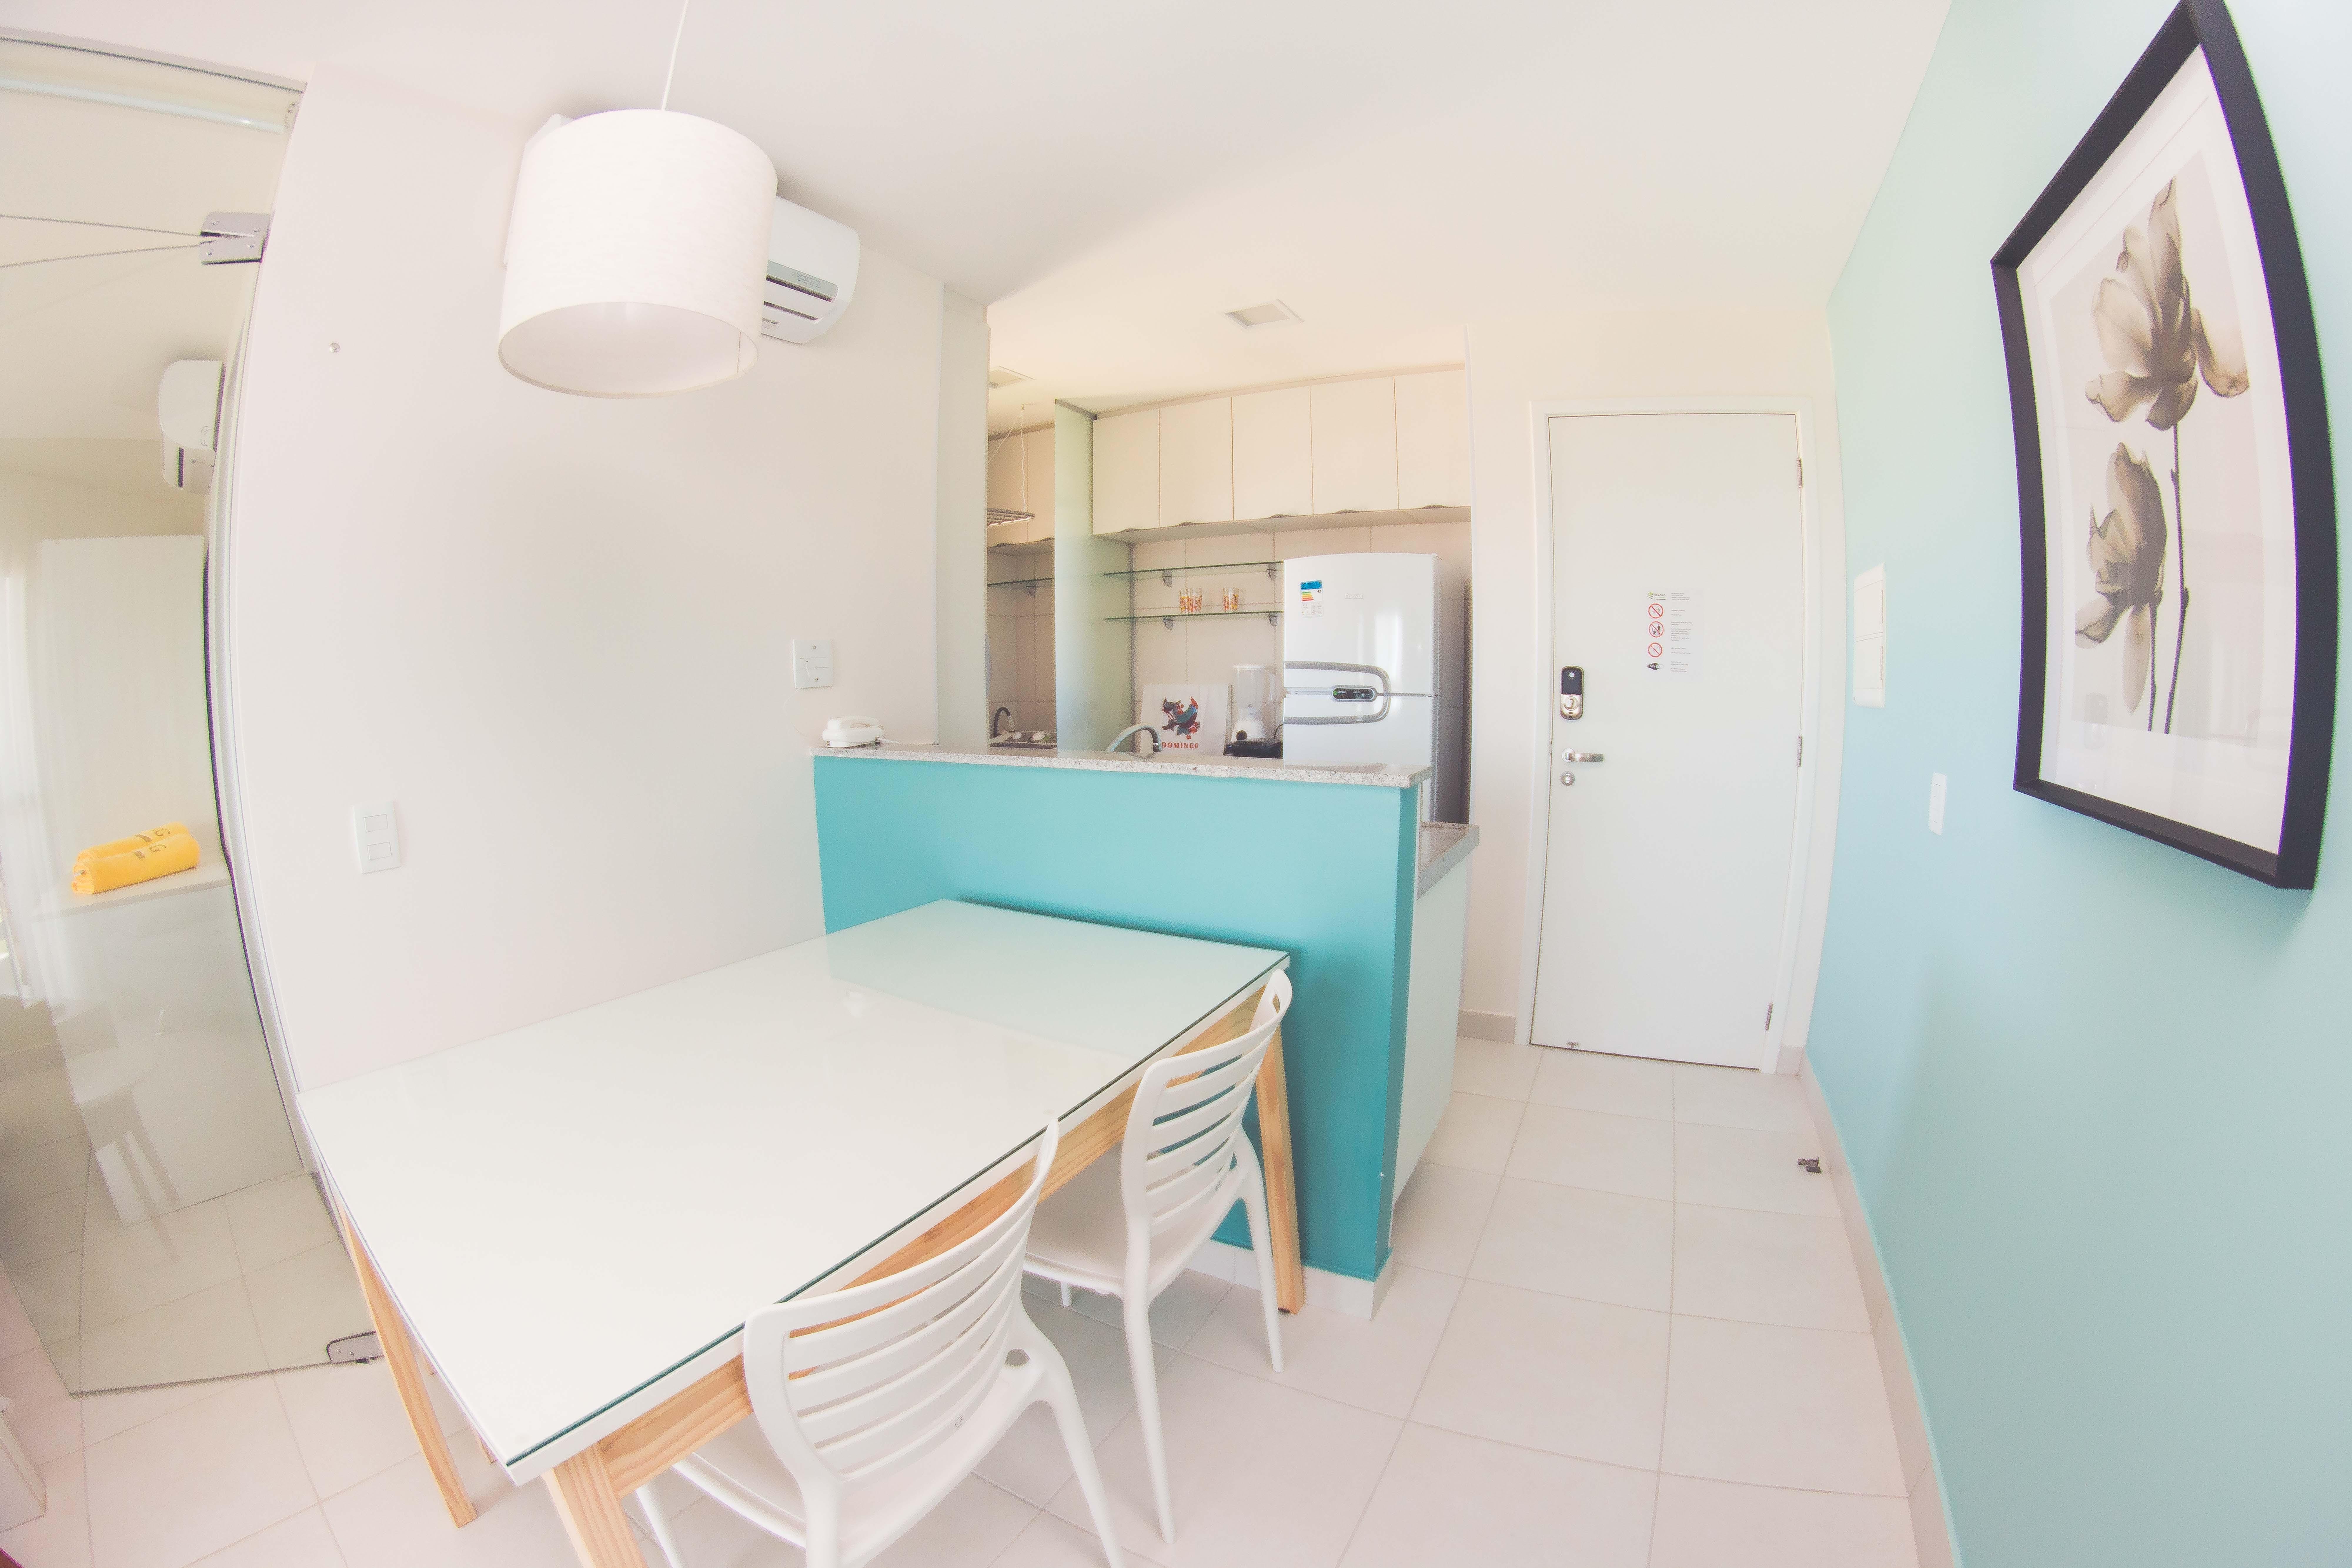 2 diárias em apartamento para até 4 pessoas (adulto ou criança) de R$500 por apenas R$399